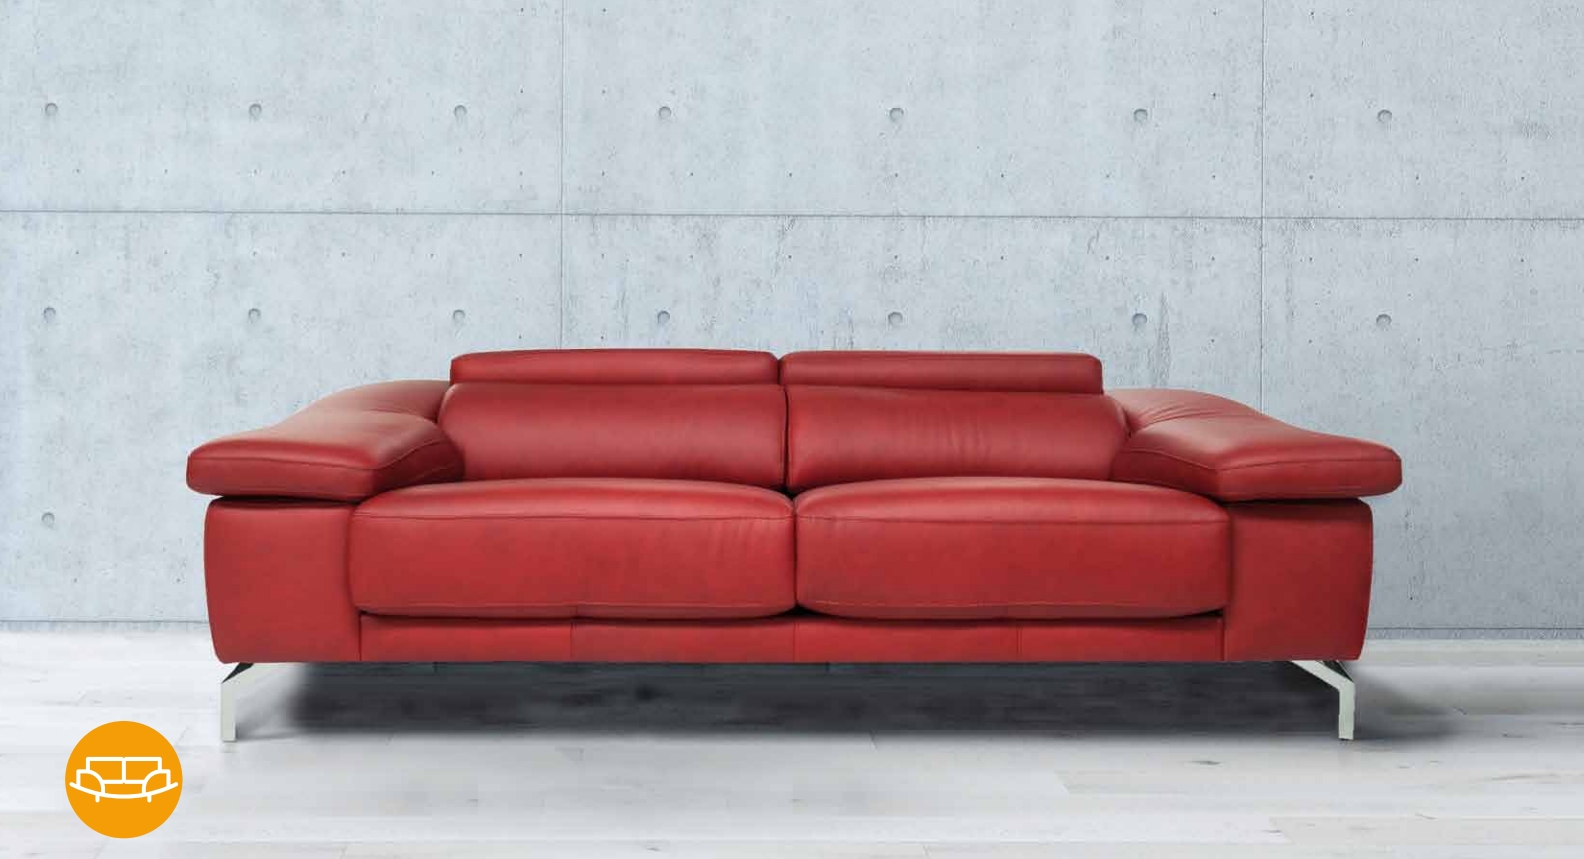 comprar sofás de calidad